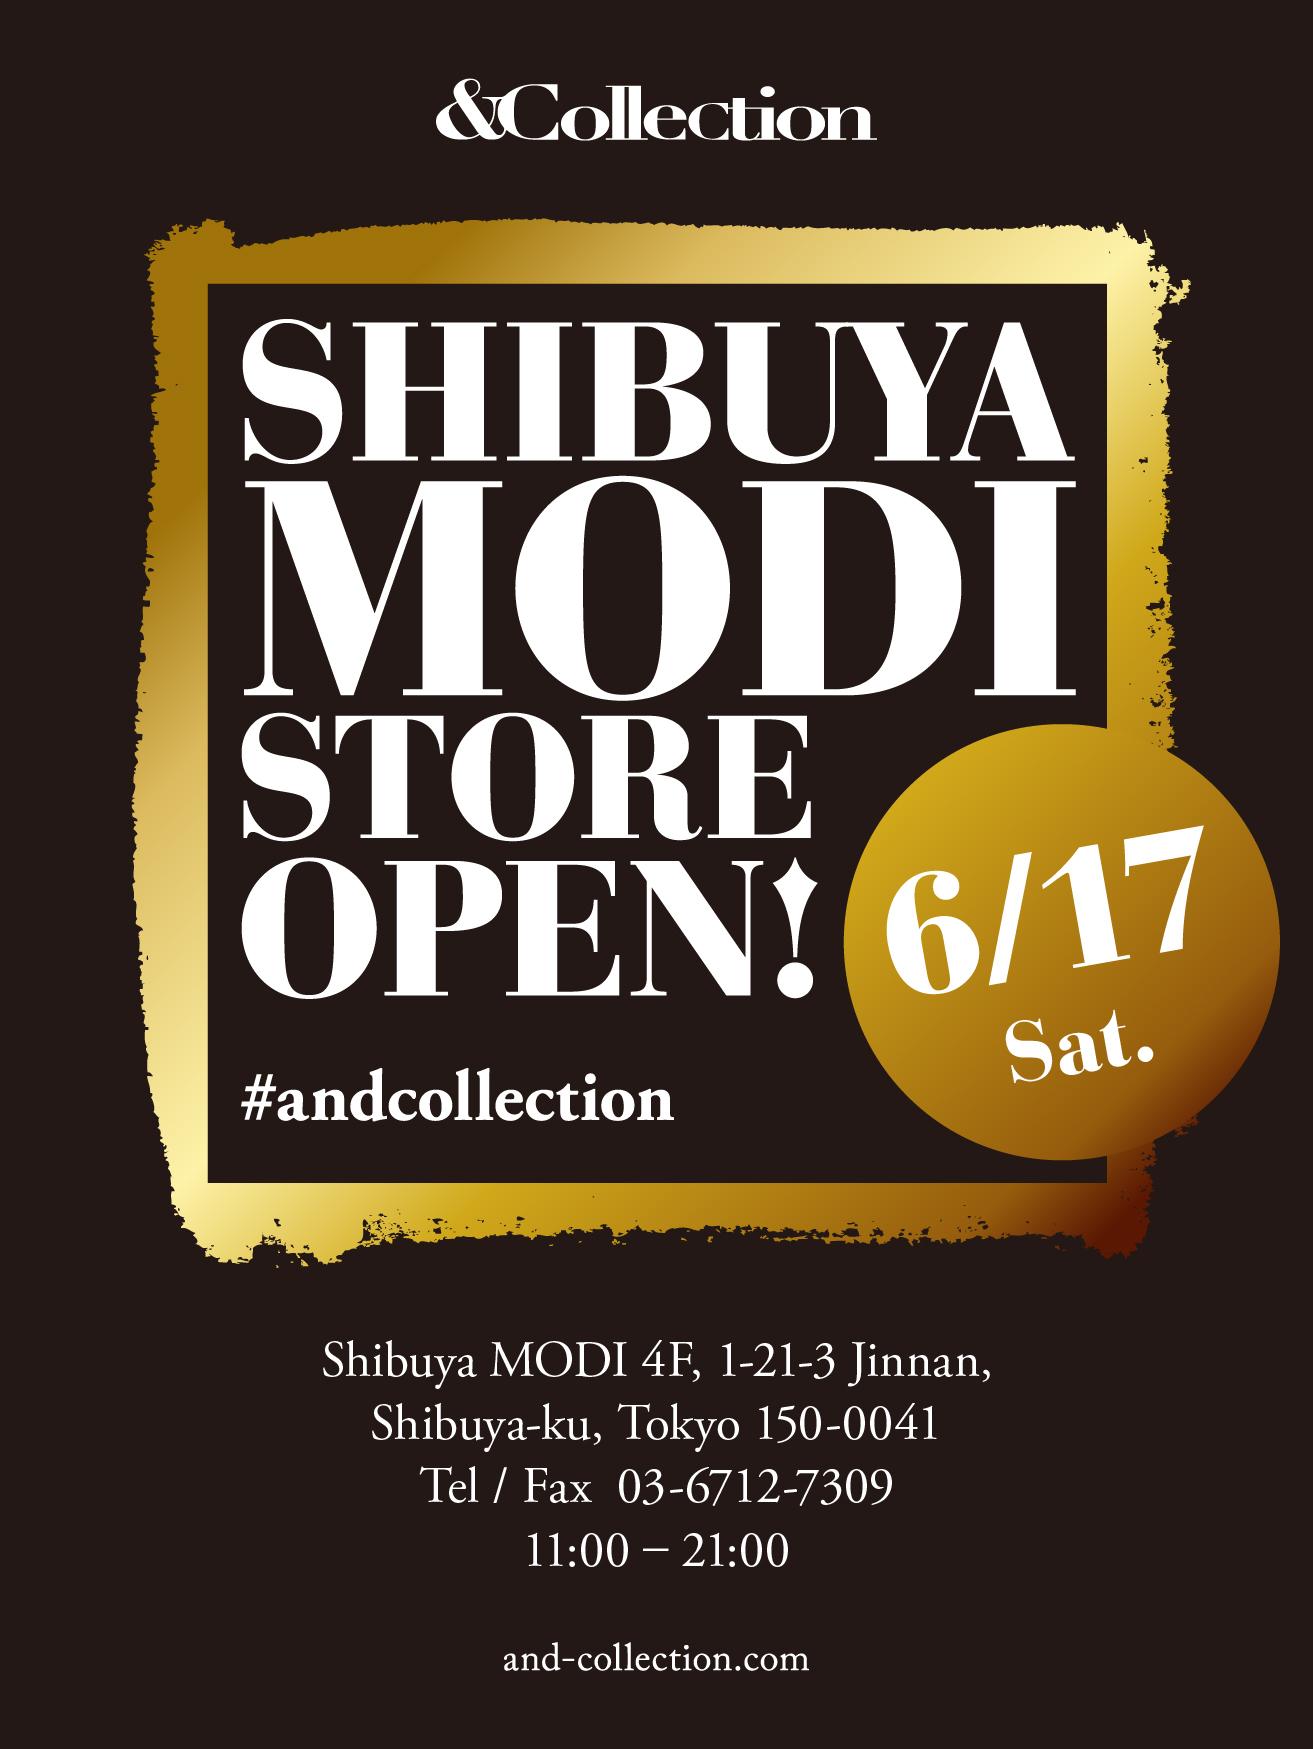 &Collectionが渋谷に初出店。渋谷MODI店として6月17日にオープン。